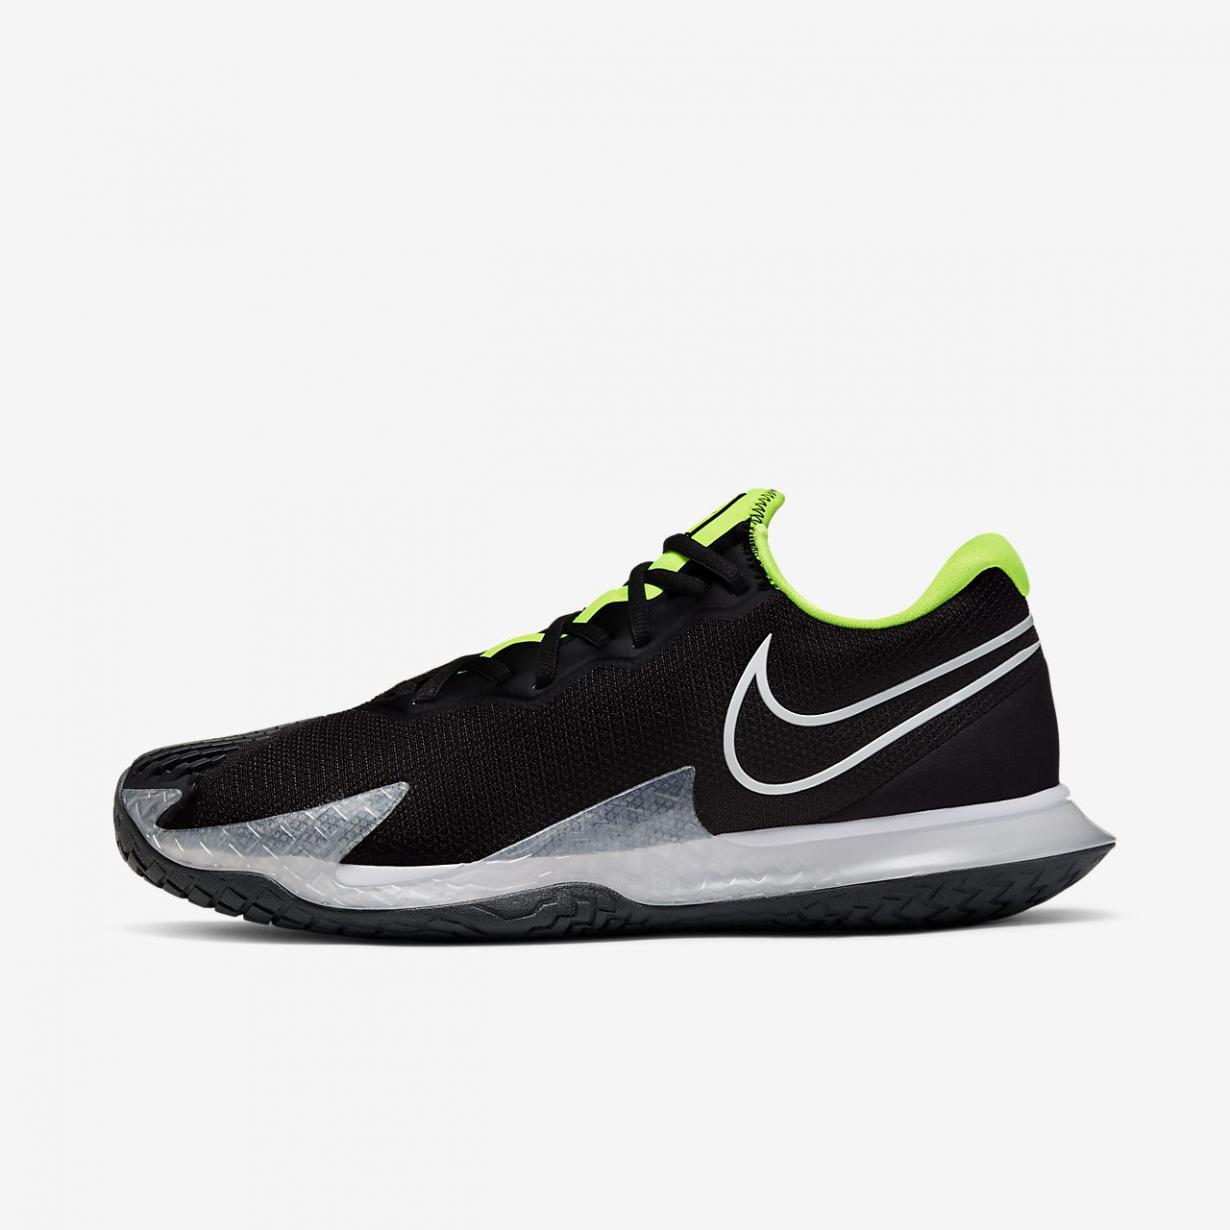 Tennis Homme | NikeCourt Air Zoom Vapor Cage 4 Noir/Volt/Gris fumée foncé/Blanc | Nike < Gooddaytricities